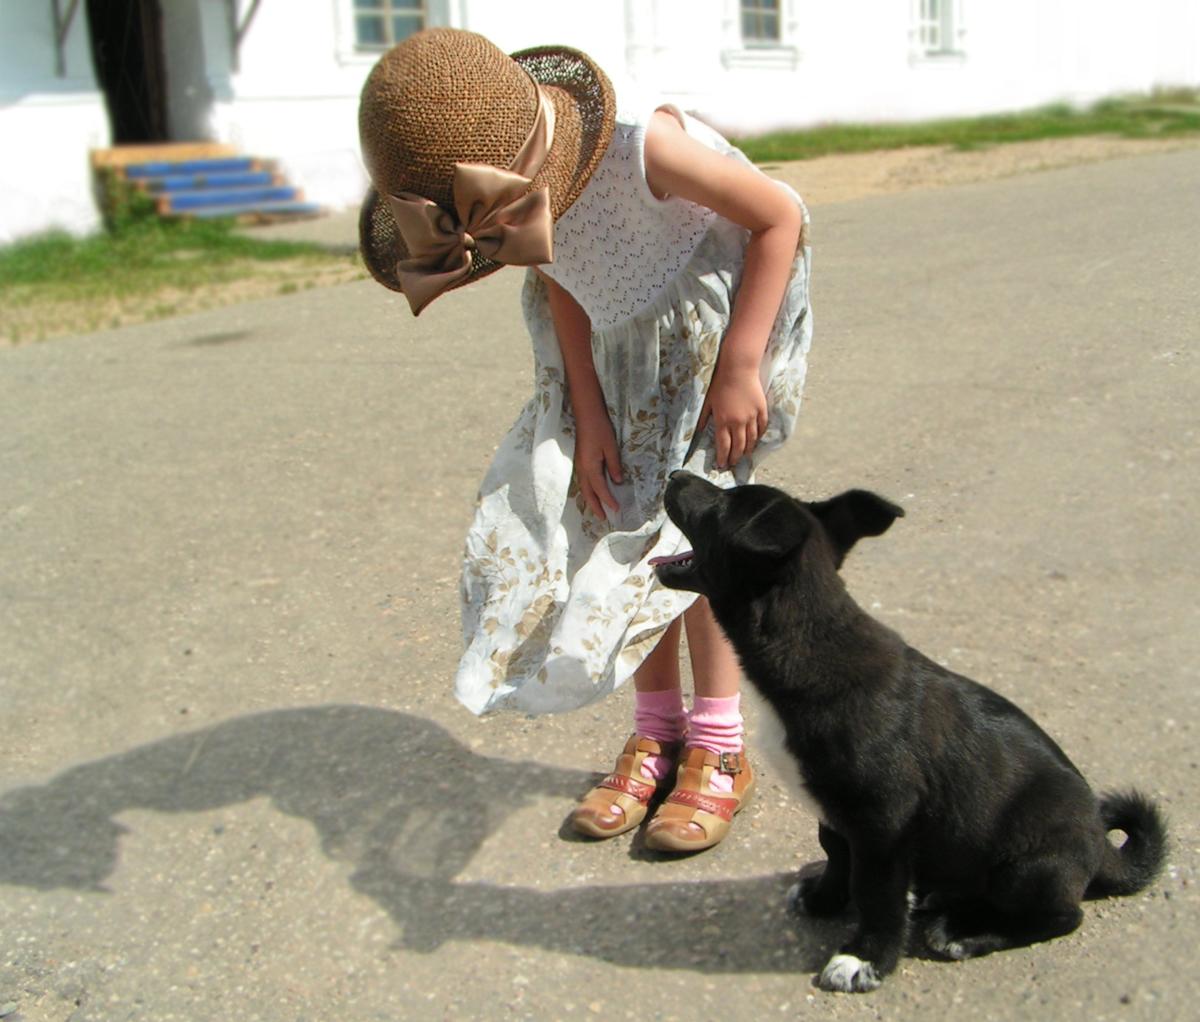 Начиная с «Недели добрых дел» ярославцы смогут получить денежный приз за истории о благих поступках